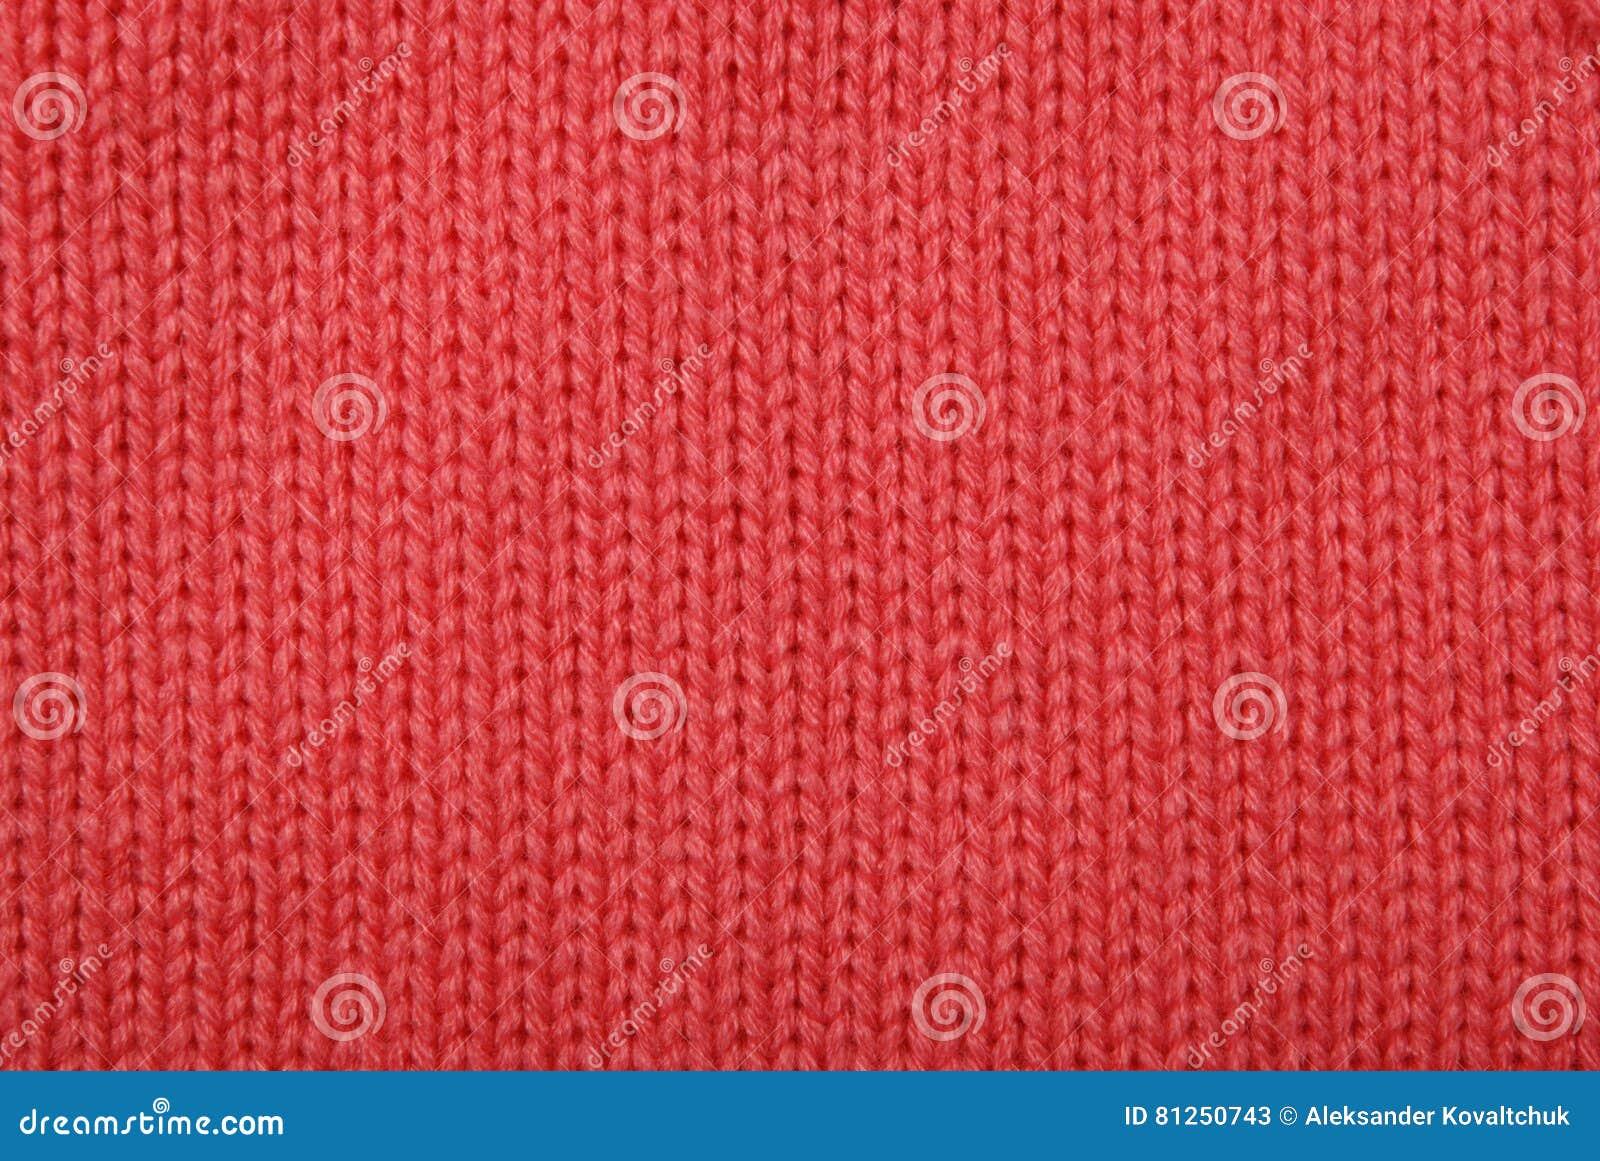 Knitting Textuur